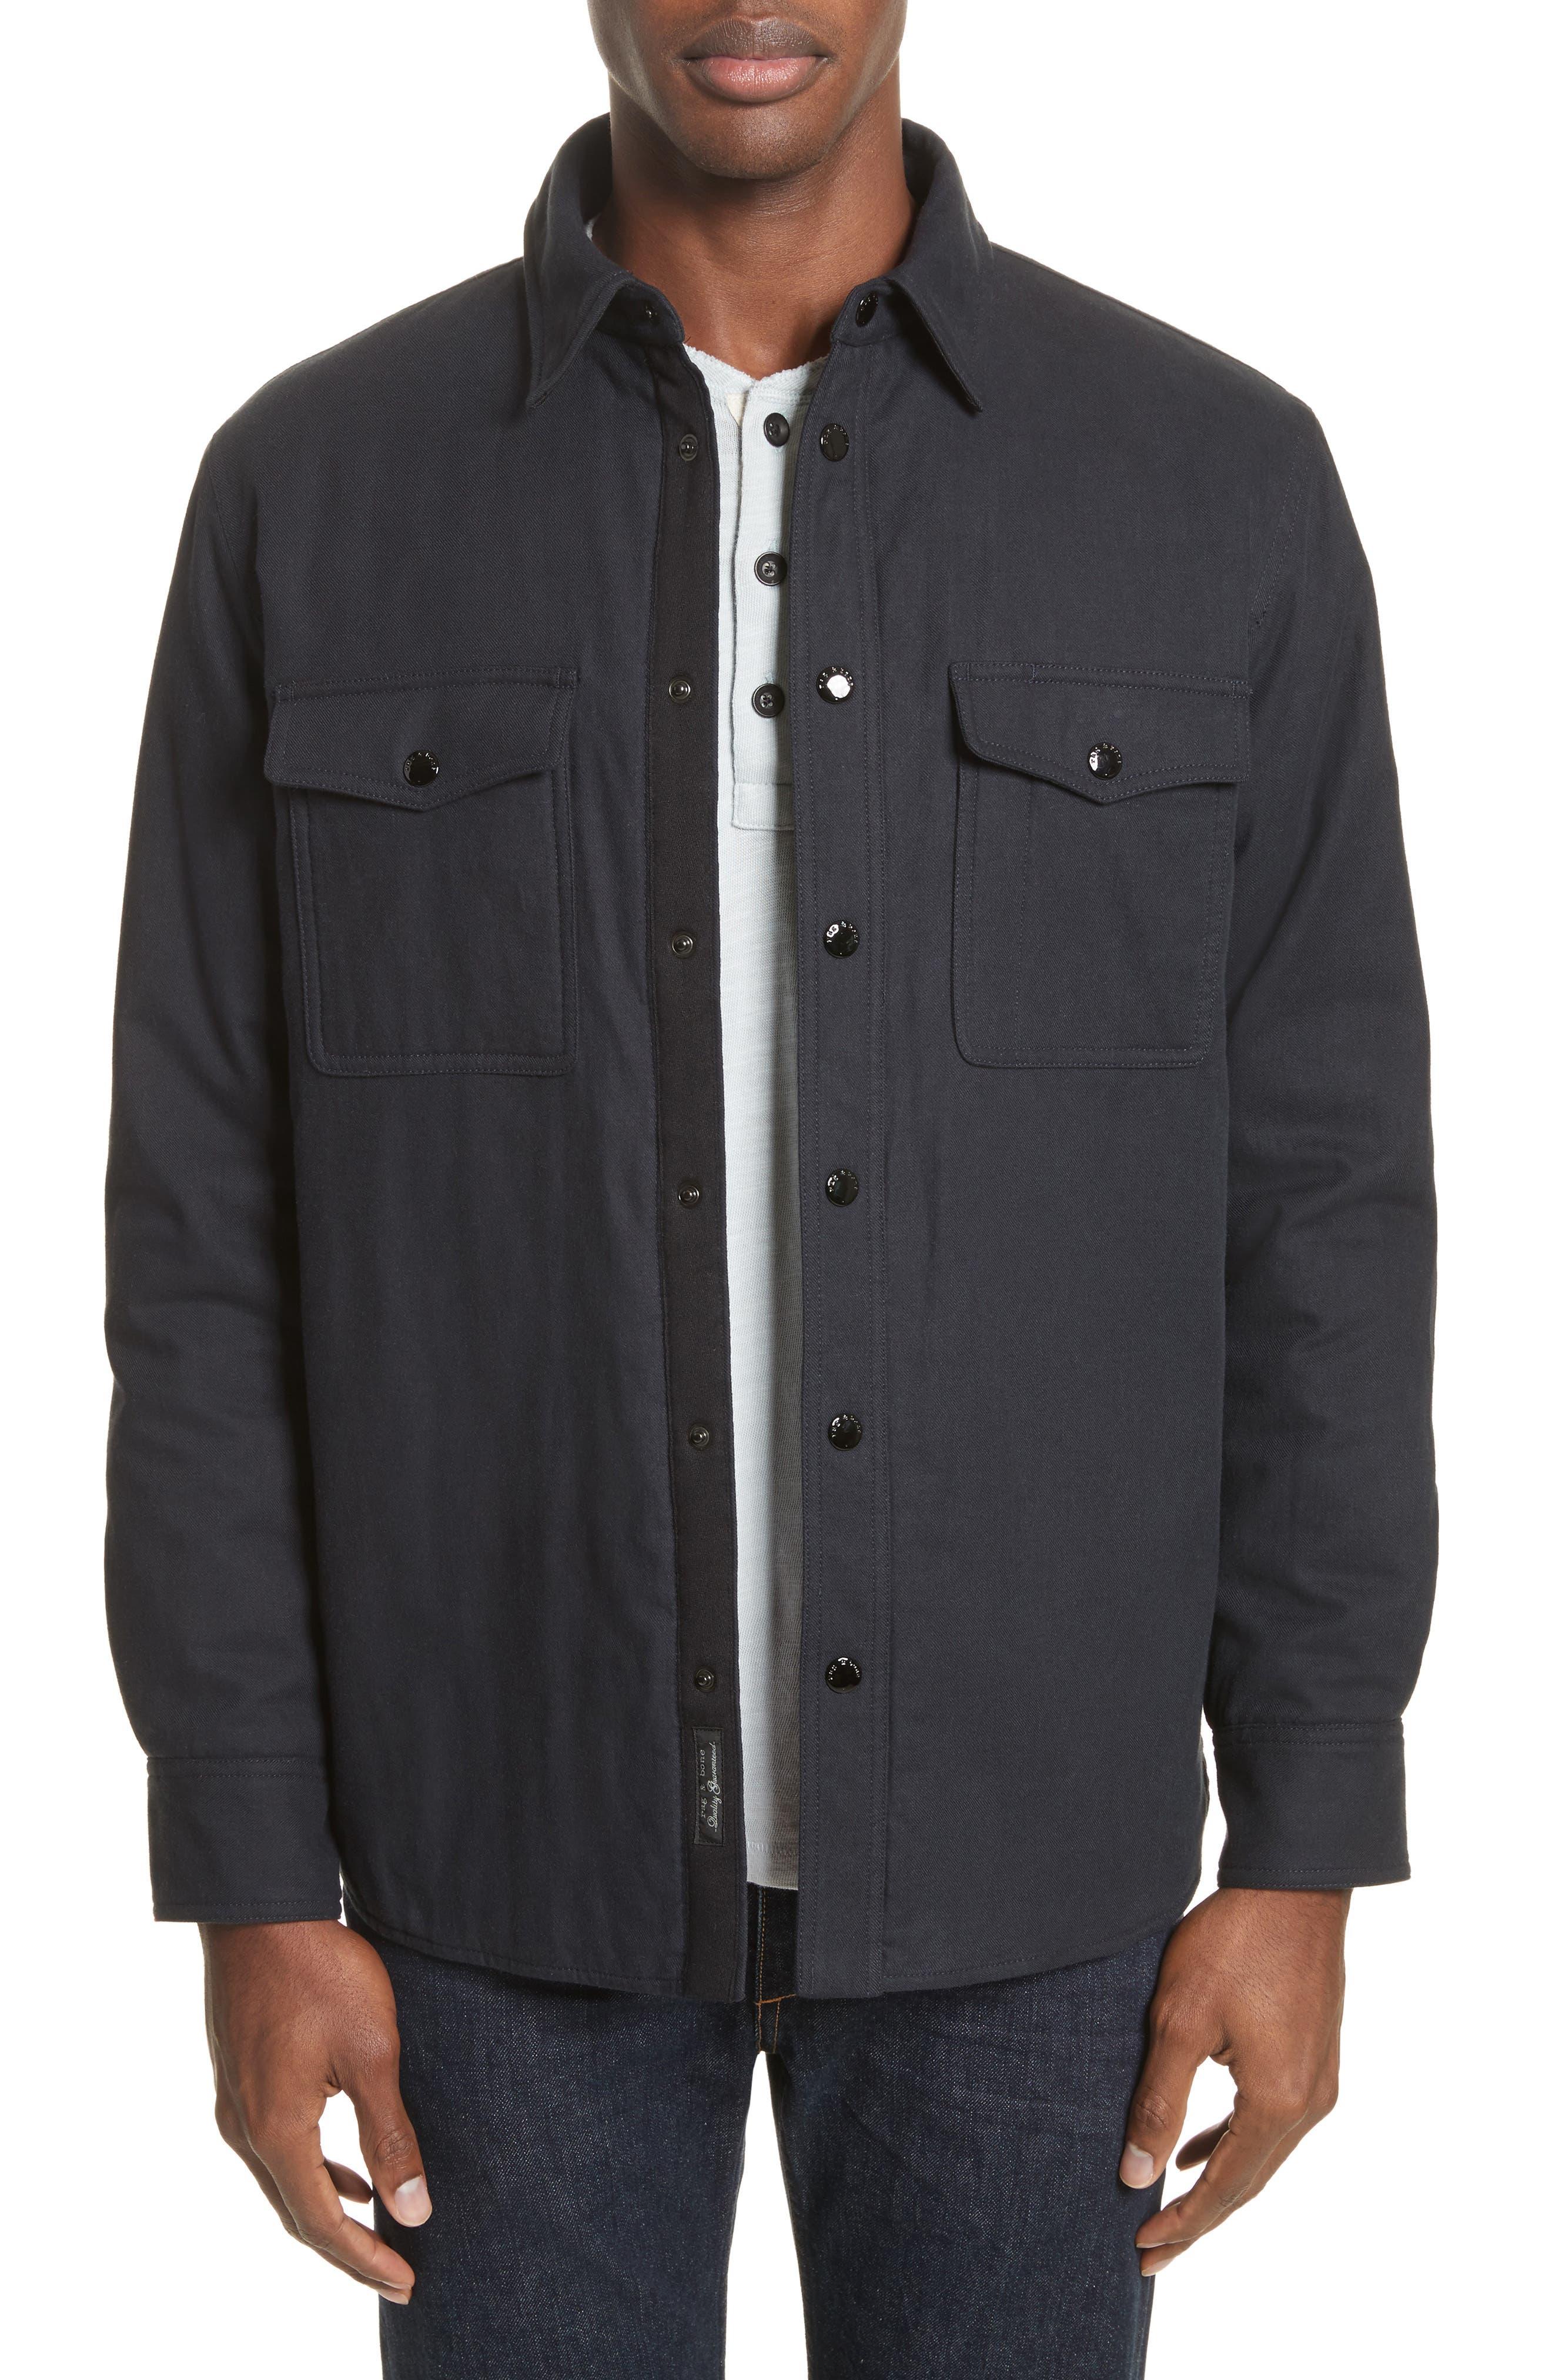 rag & bone Jack Quilt Lined Shirt Jacket